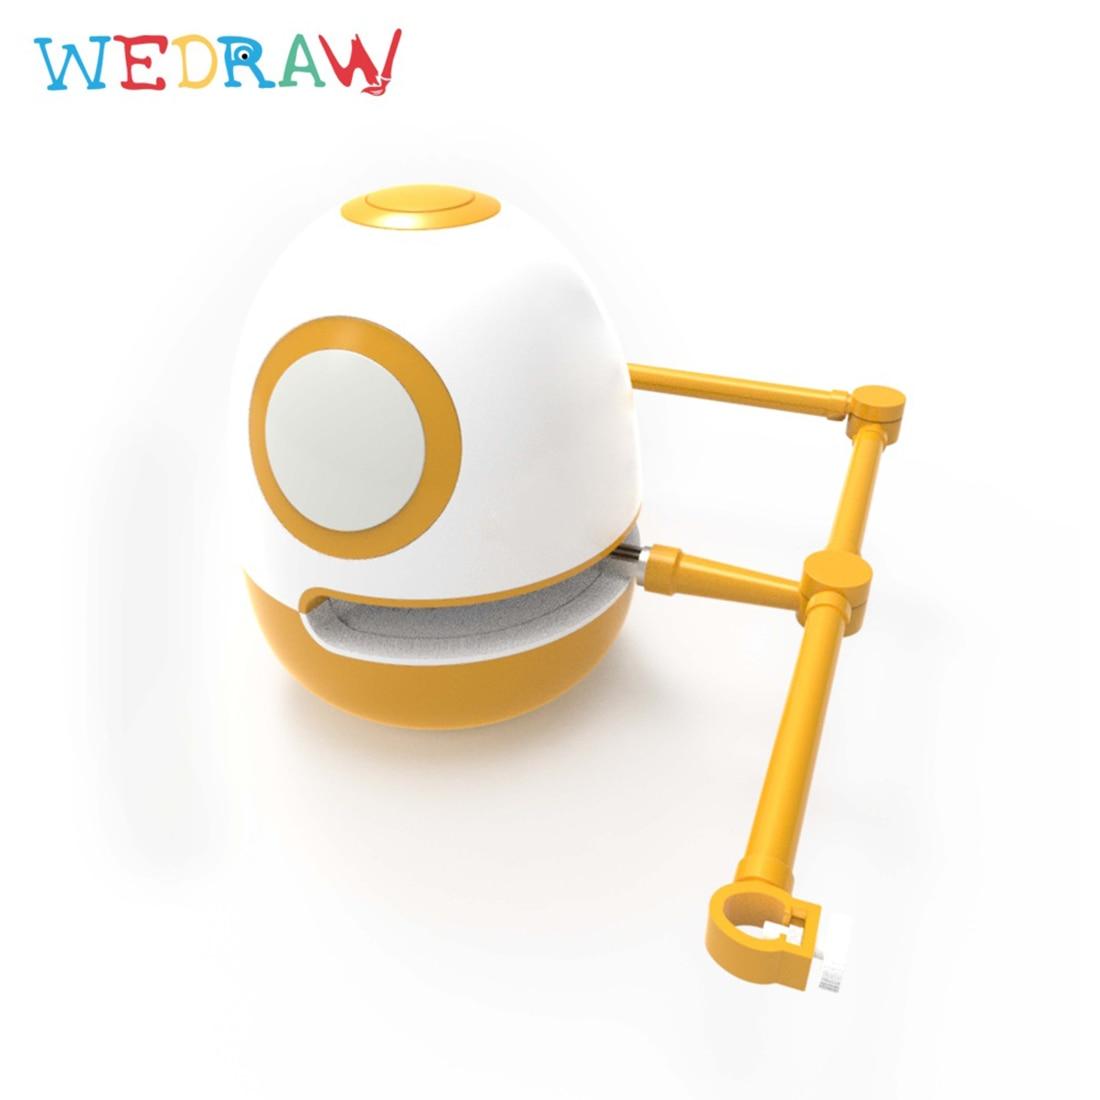 aprendizagem tecnologia educacional brinquedos eletrônicos animais de